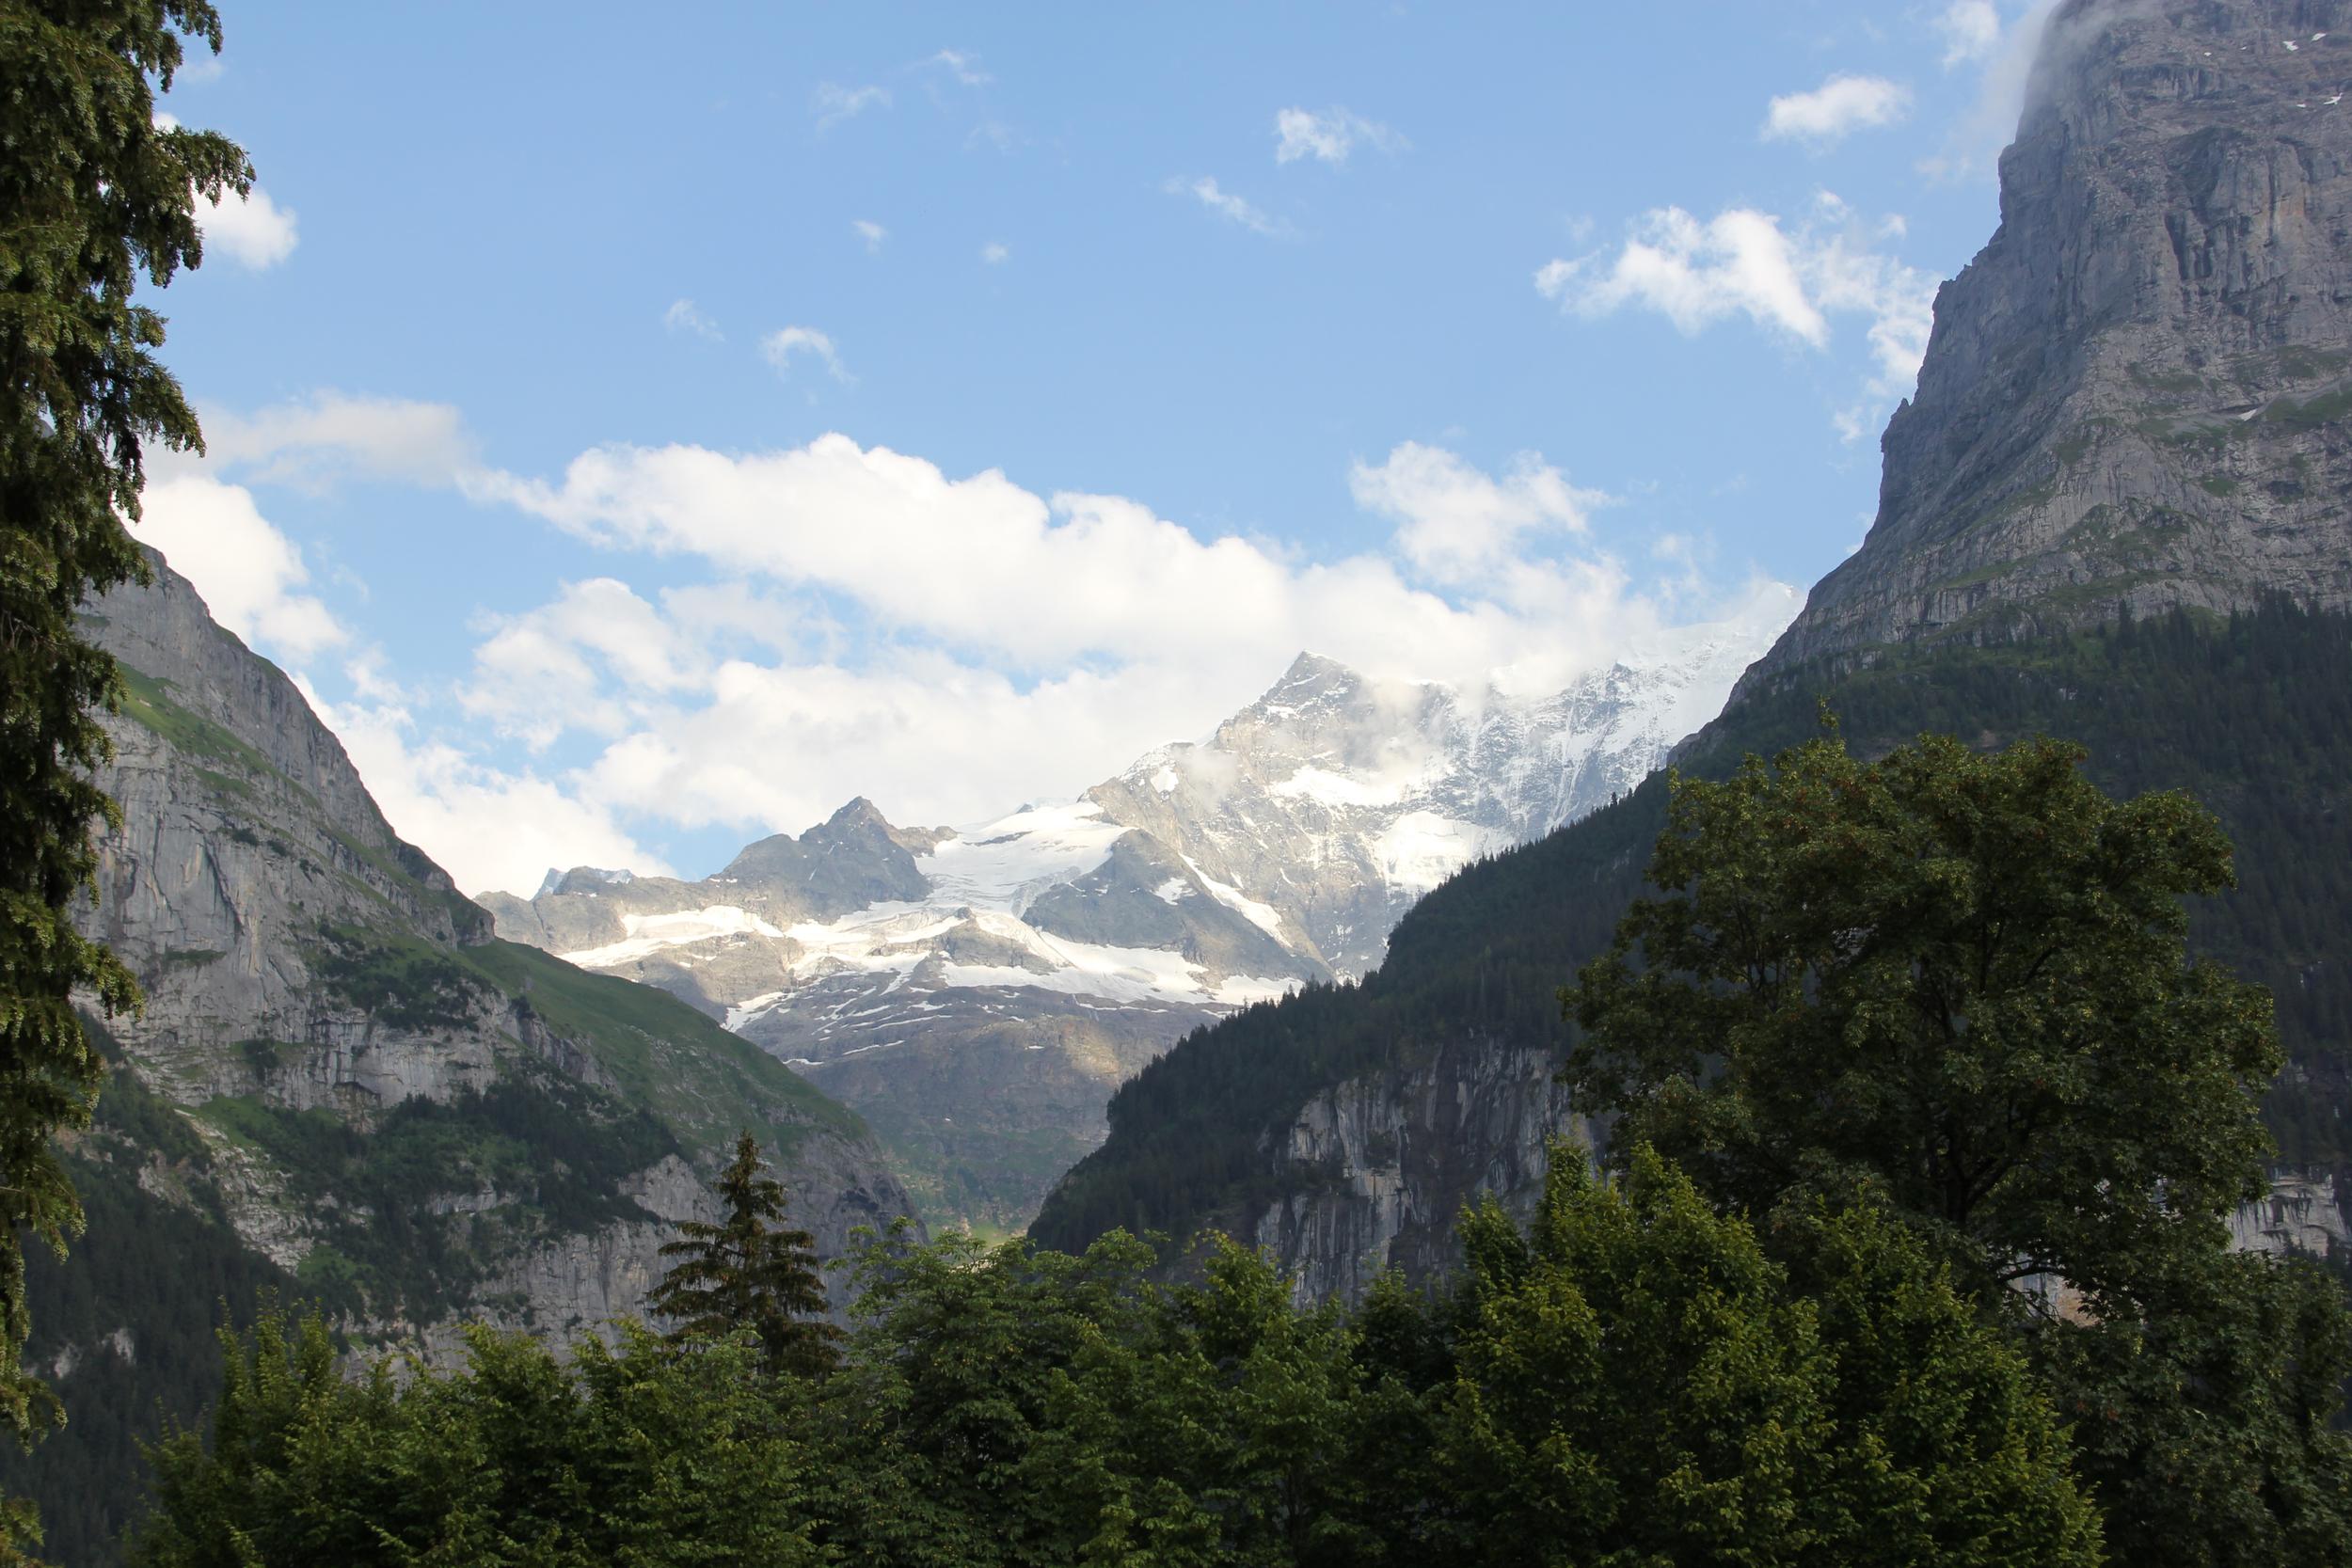 Eiger Mountain Range (Swiss Alps) - Grindelwald, Switzerland